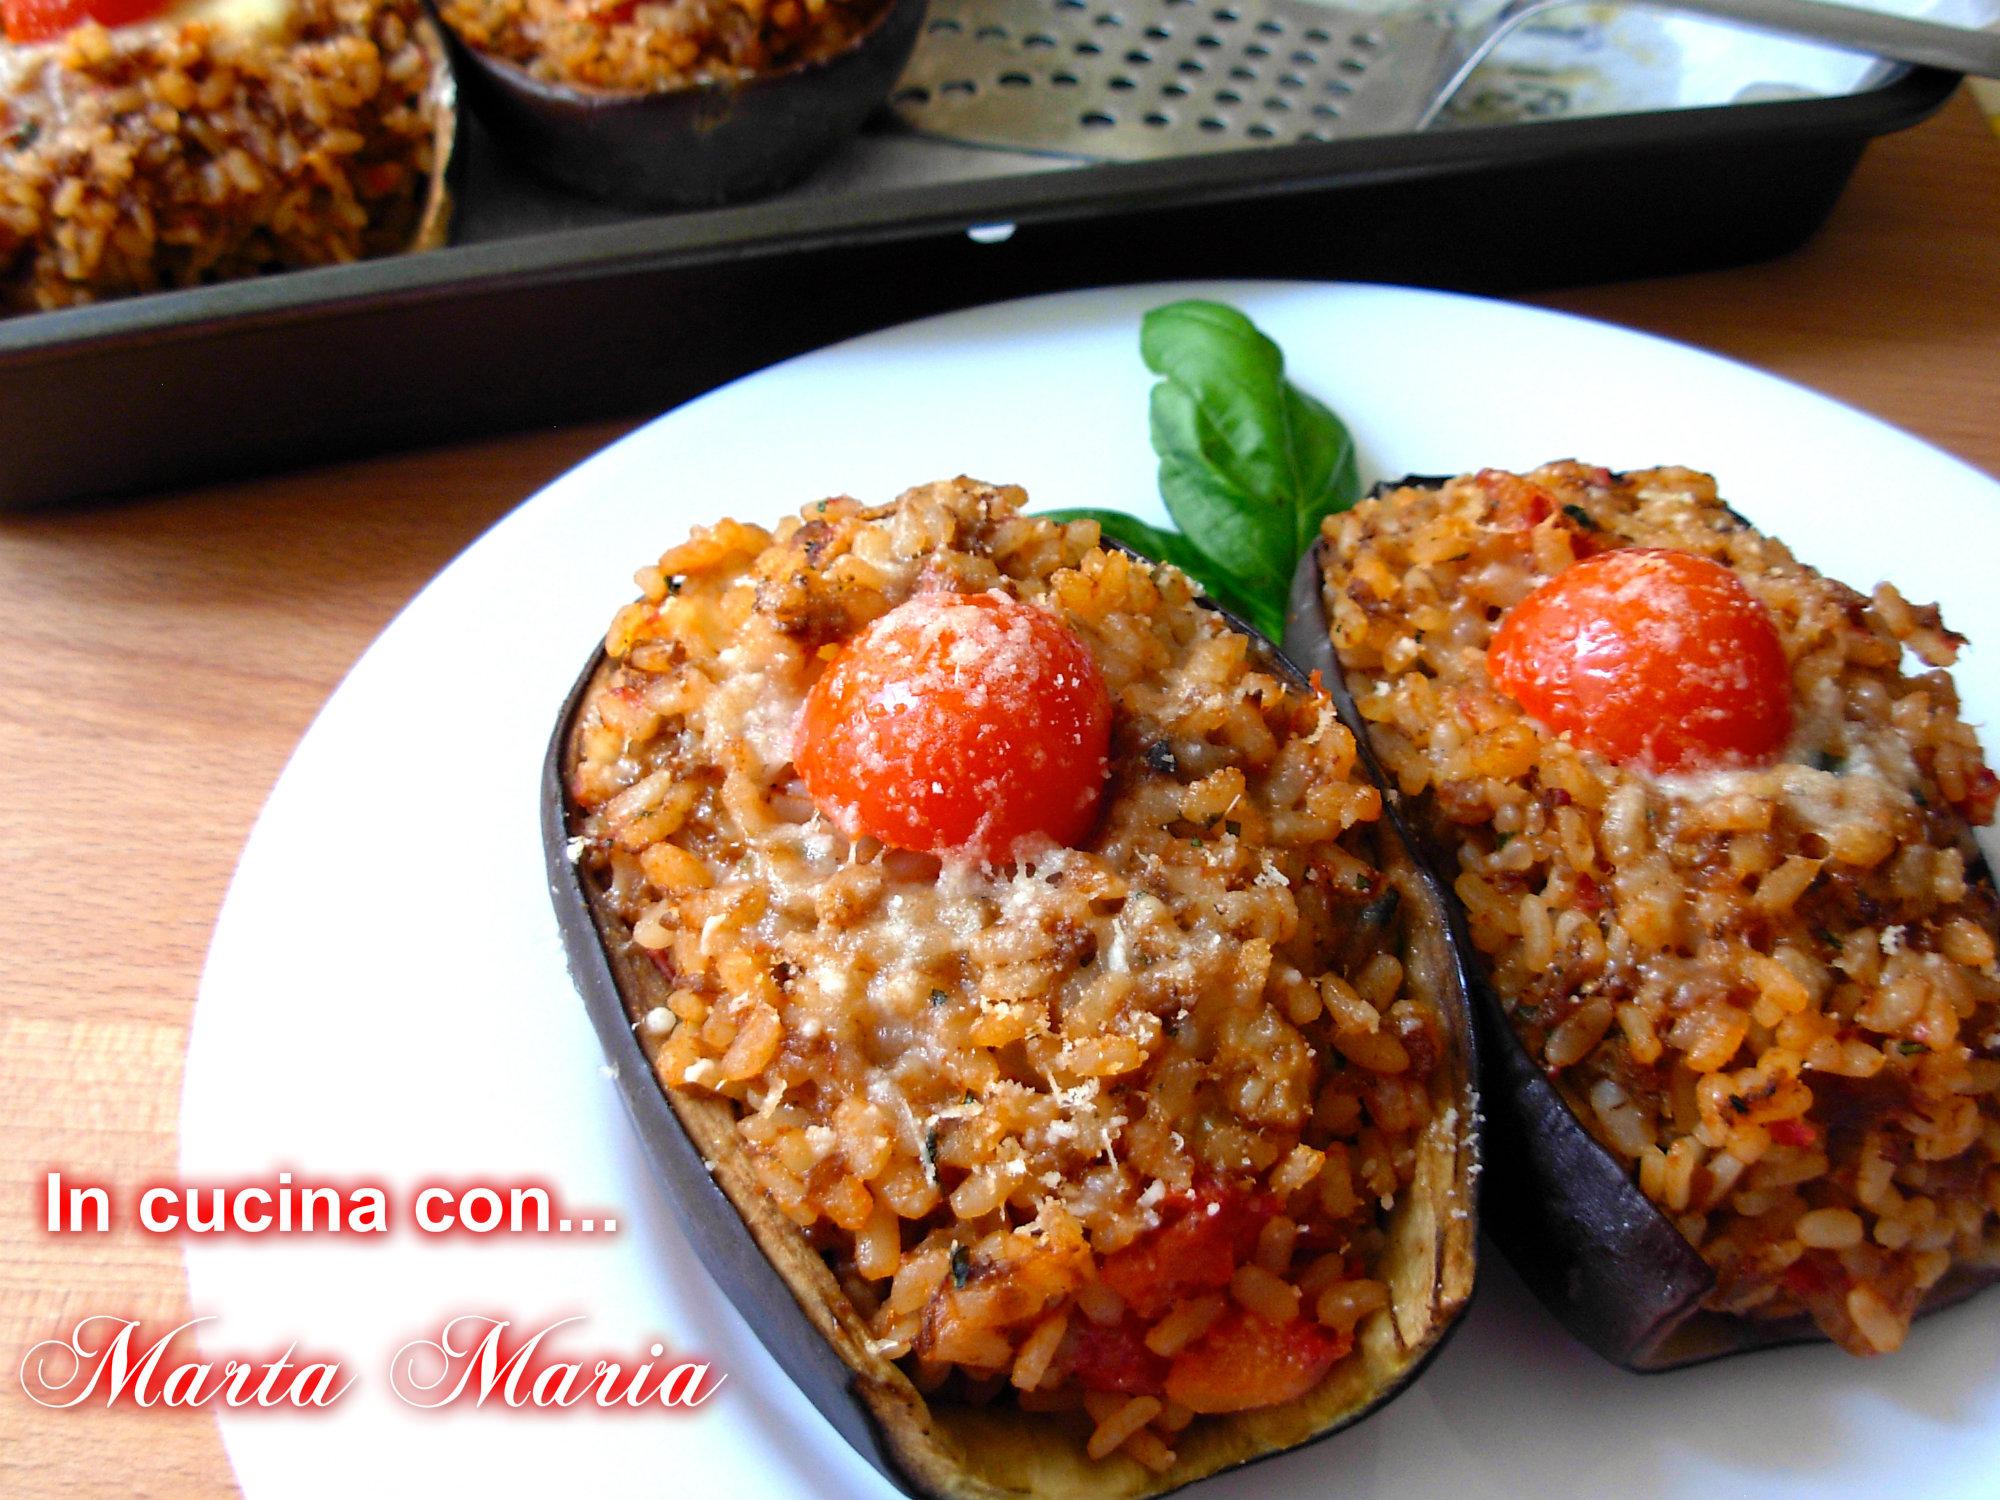 melanzane ripiene di riso, ricetta facile - in cucina con ... - Come Cucinare Le Melanzane Ripiene